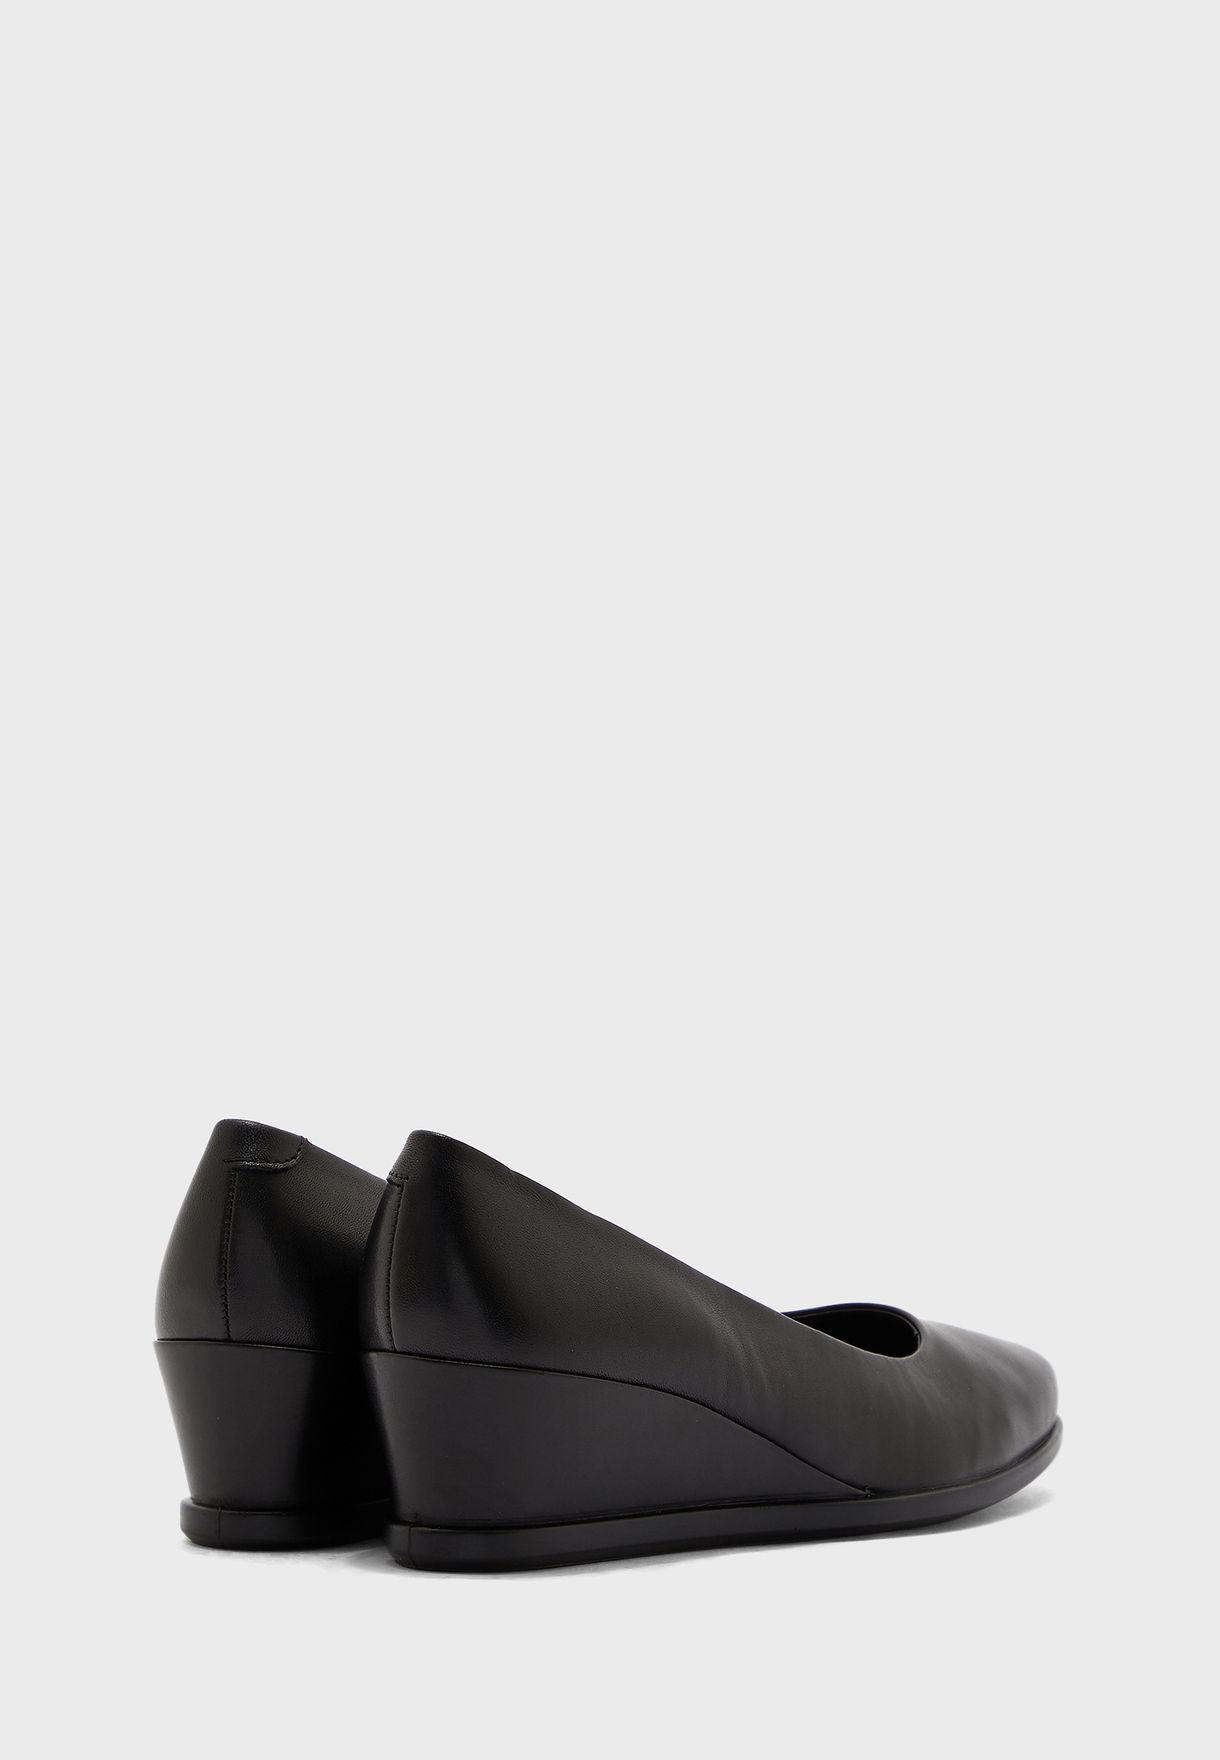 حذاء بكعب عالي ويدج مع أصابع مدببة